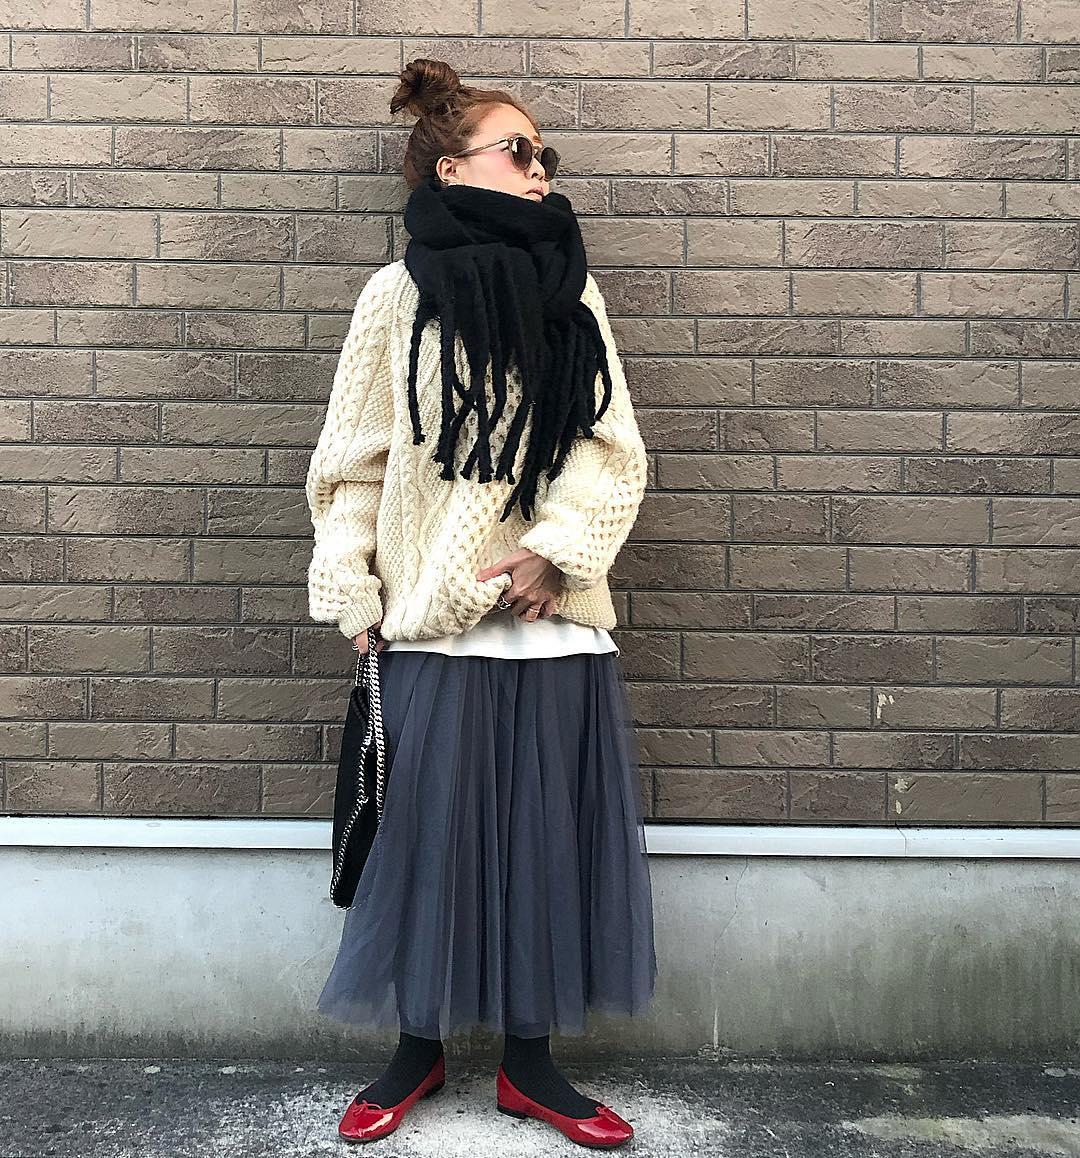 𓇼 . 冬に履くチュ-ルも好きだ❤︎ @fifth_store の𓂅 #チュールロングスカート グレ-のMさいず。 . 丈感もカラ-も好き。 春まで使えるアイテム。 60%OFFク-ポン出てたよ-𓍯 かなりお得♡ . #fifth#fifthtl#フィフス . Qoo10で買ったスト-ルも良き❤︎ . . . . . . . . . . #ootd#outfit#coordinate#fashion#instafashion#instagood#fashionpost#qoo10#repetto#チュールスカート#フィッシャーマンニット#古着#ニット#レペット#ストール#冬コーデ#プチプラ#おだんごヘア#ゆるコーデ#モノトーン#今日のコーデ#今日の服 ではない#お洒落さんと繋がりたい#おしゃれさんと繋がりたい . 2019.1.11 ①